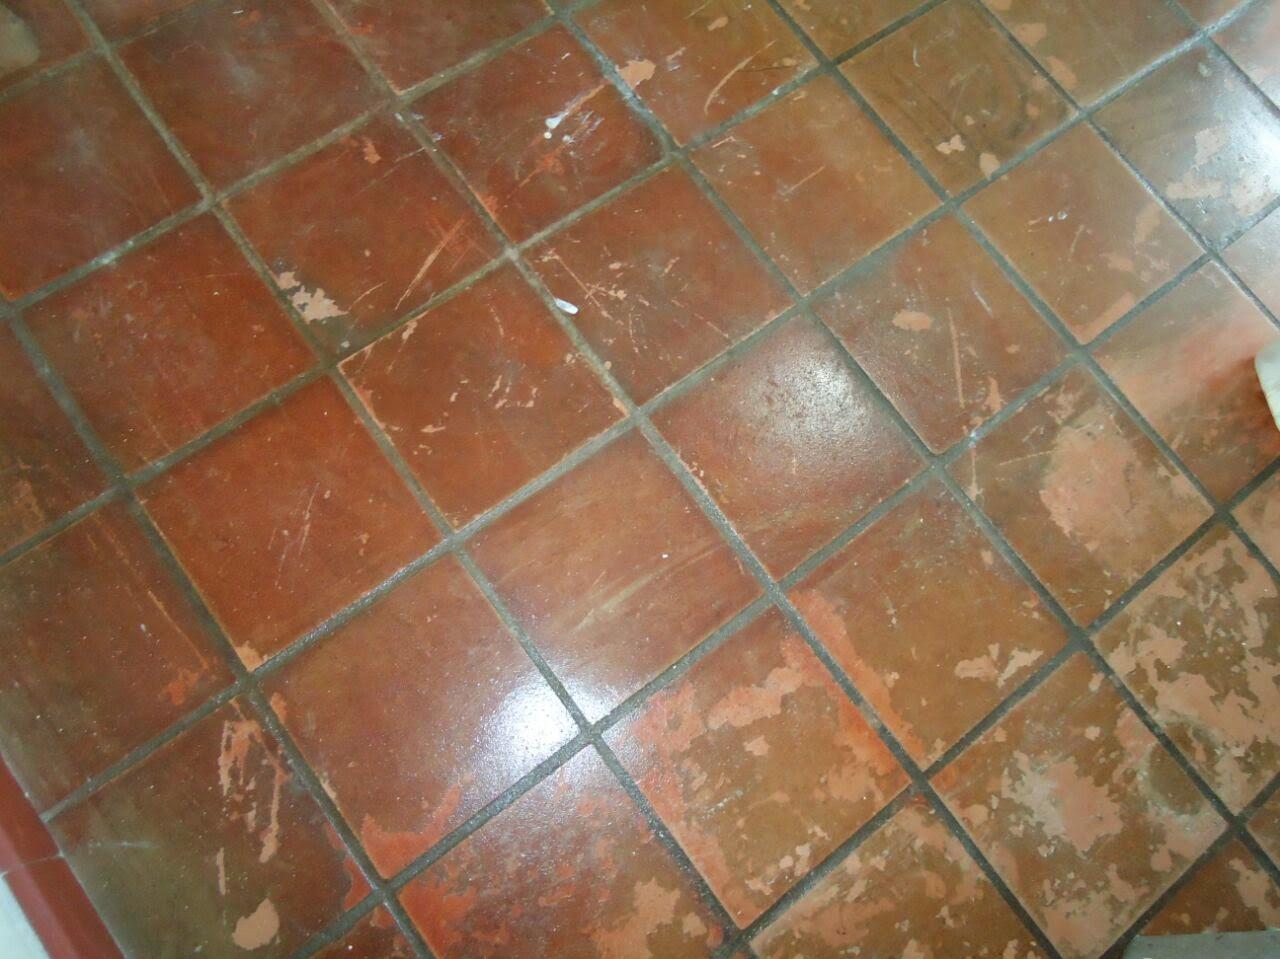 Piso ceramica restaurado impermeabilizado s o paulo 05 for Piso 0 salas de estudo e atl